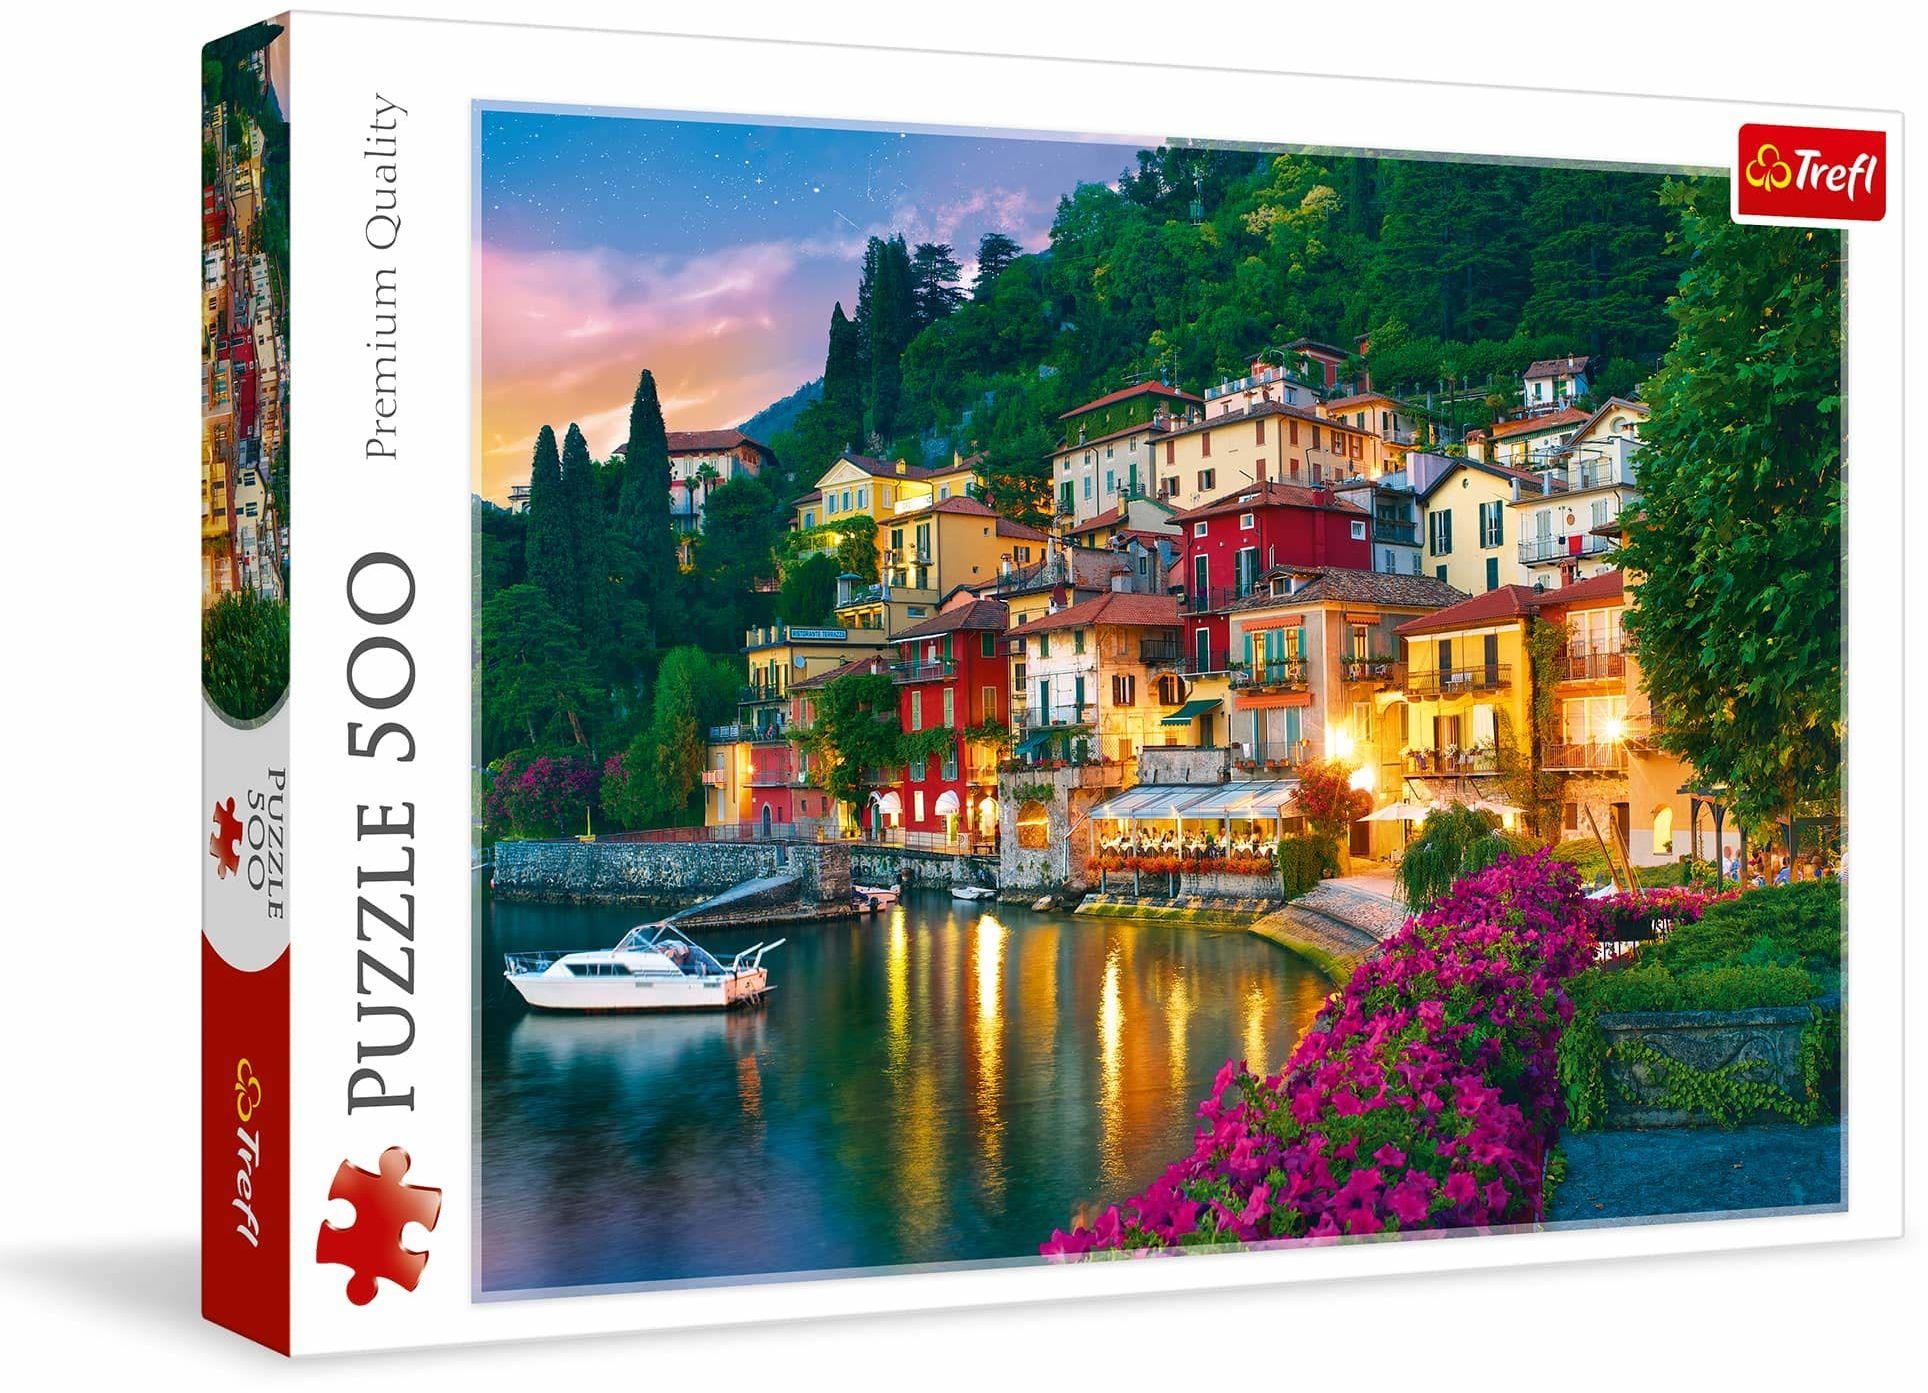 Trefl Jezioro Como, Włochy Puzzle 500 Elementów o Wysokiej Jakości Nadruku dla Dorosłych i Dzieci od 10 lat